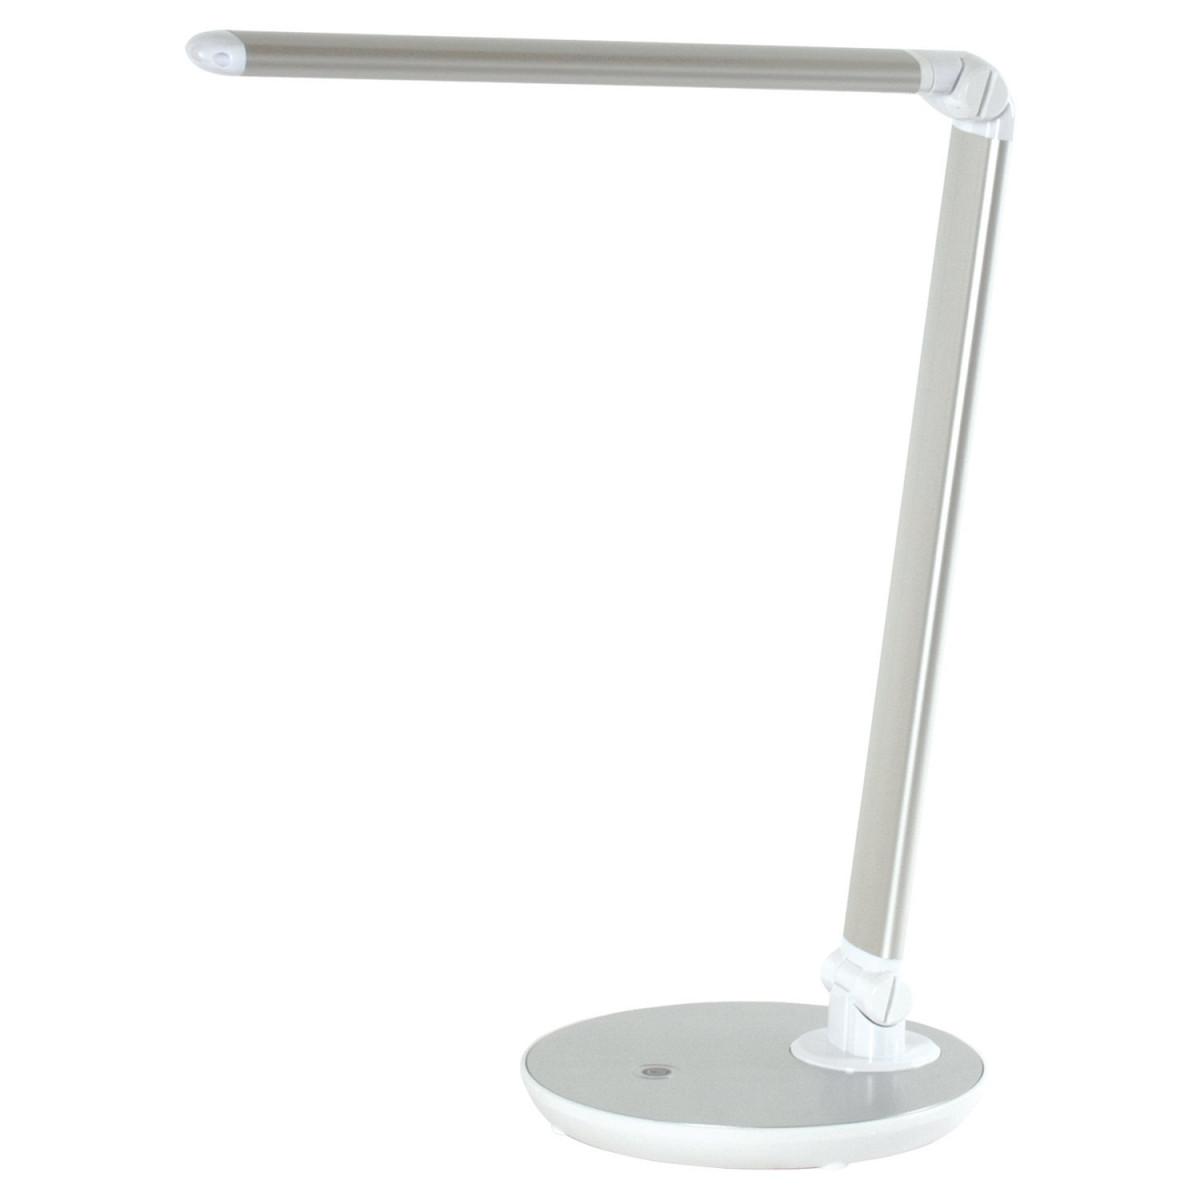 Светильник настольный SONNEN PH-3609, на подставке, светодиодный, 9 Вт, алюминий, серебристый, 236688 (арт. 236688)